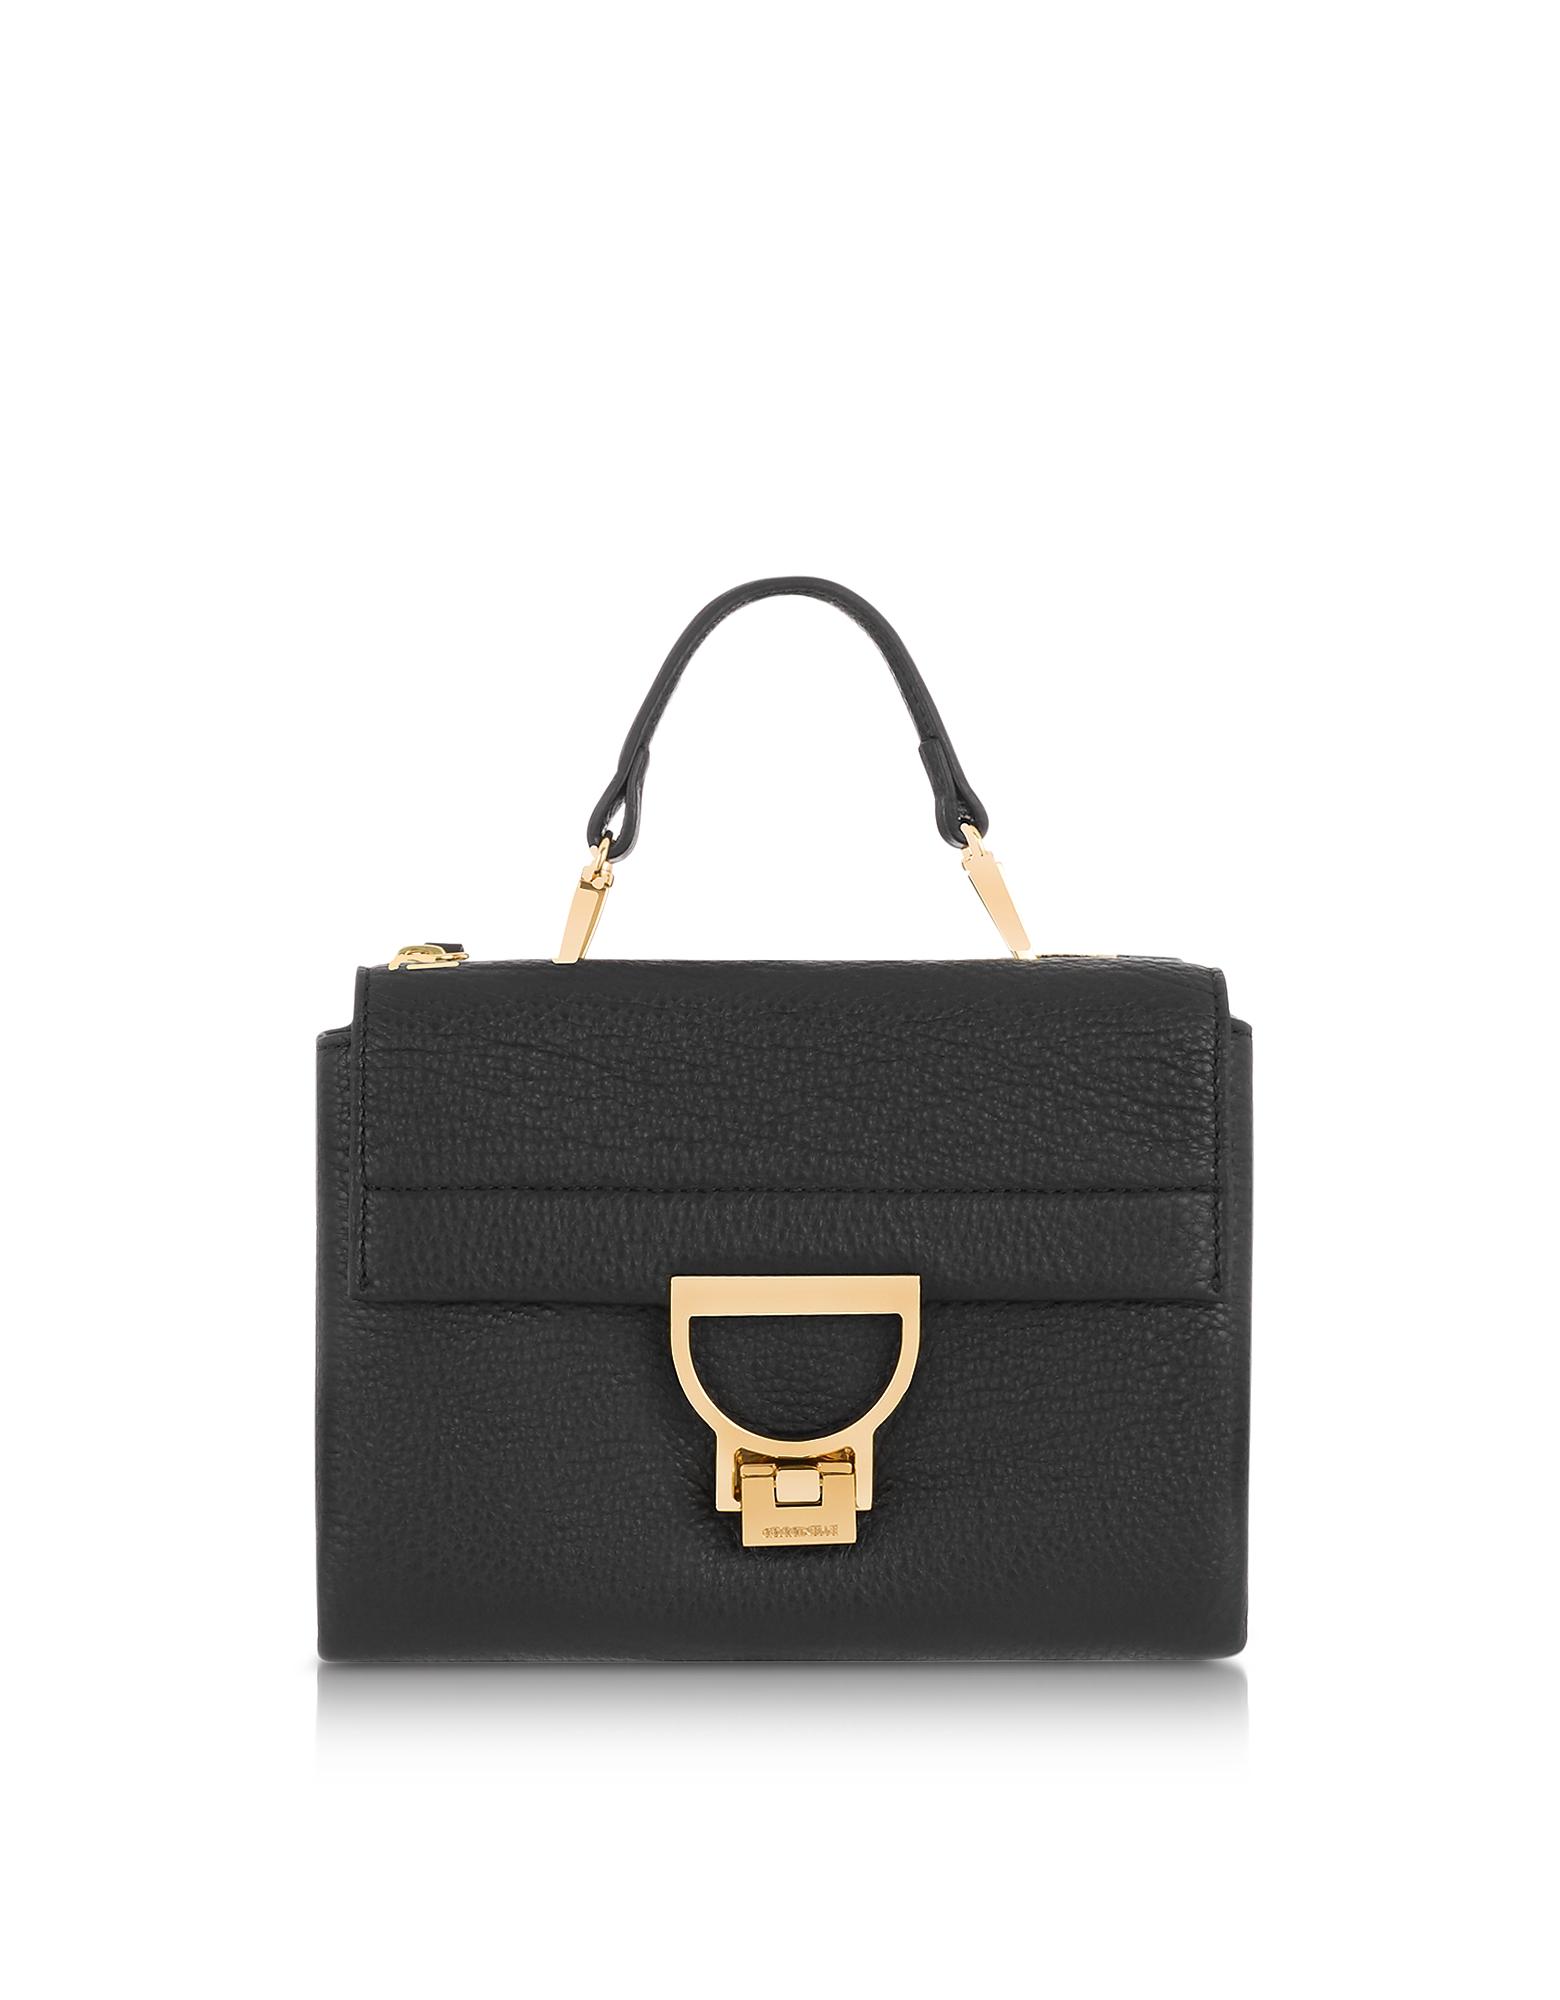 Image of Coccinelle Designer Handbags, Arlettis Mini Leather Bag with Shoulder Strap